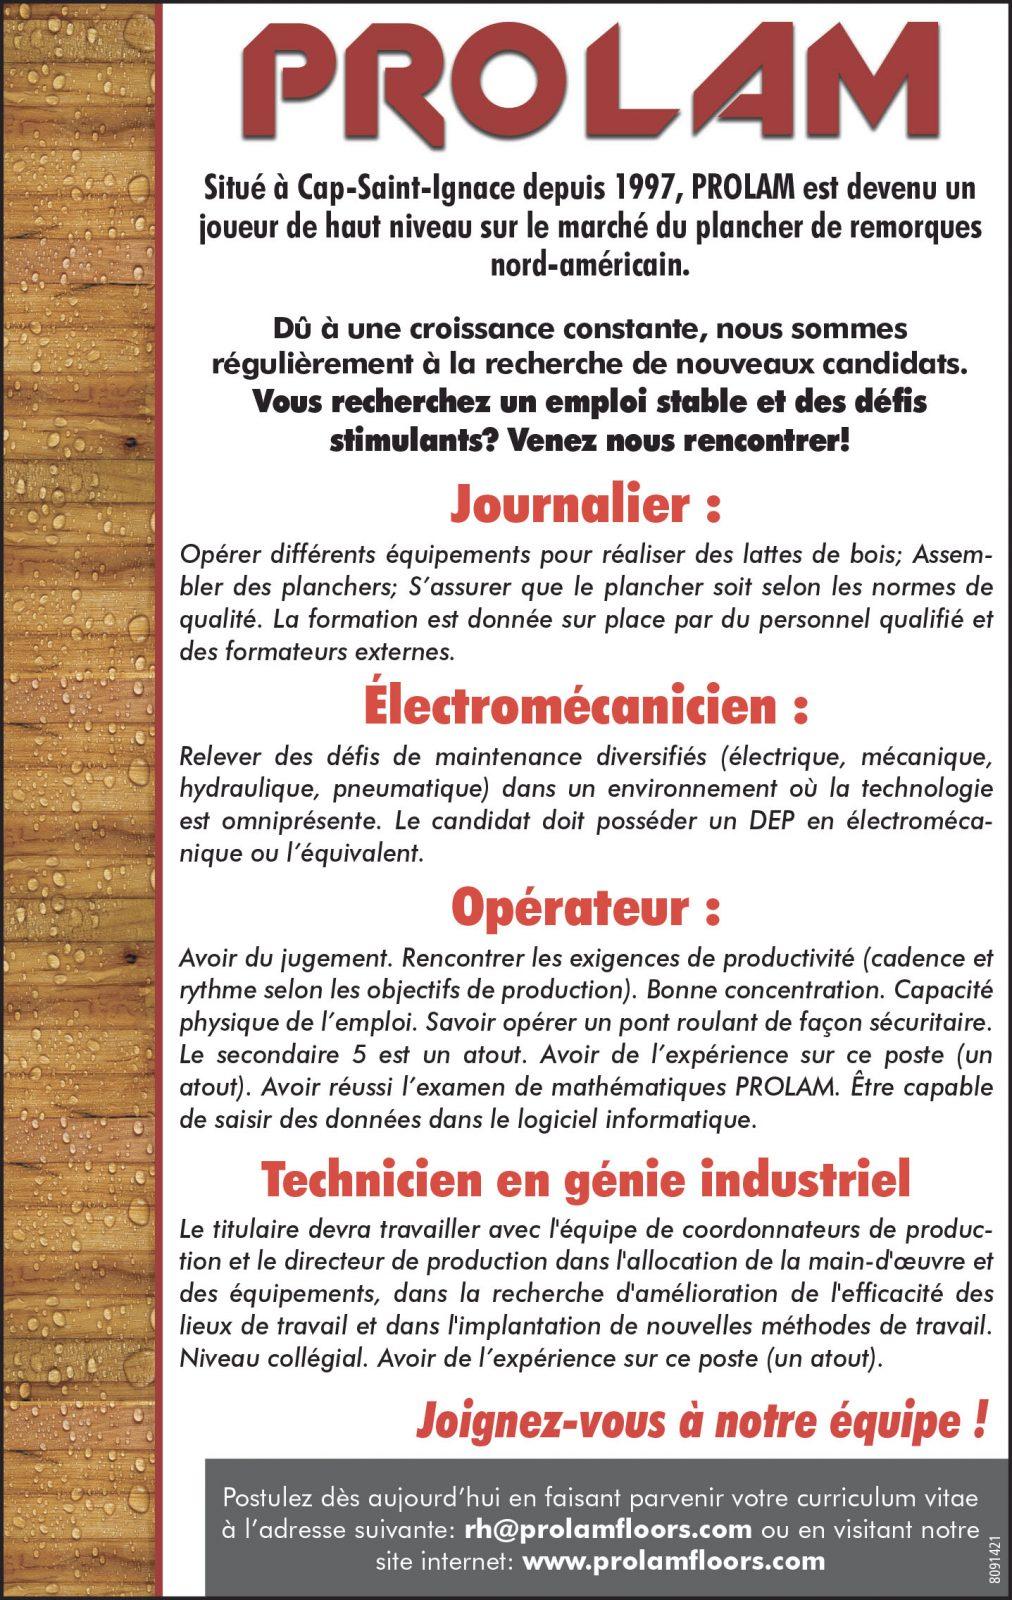 Journalier • Électromécanicien • Opérateur • Technicien en génie industriel